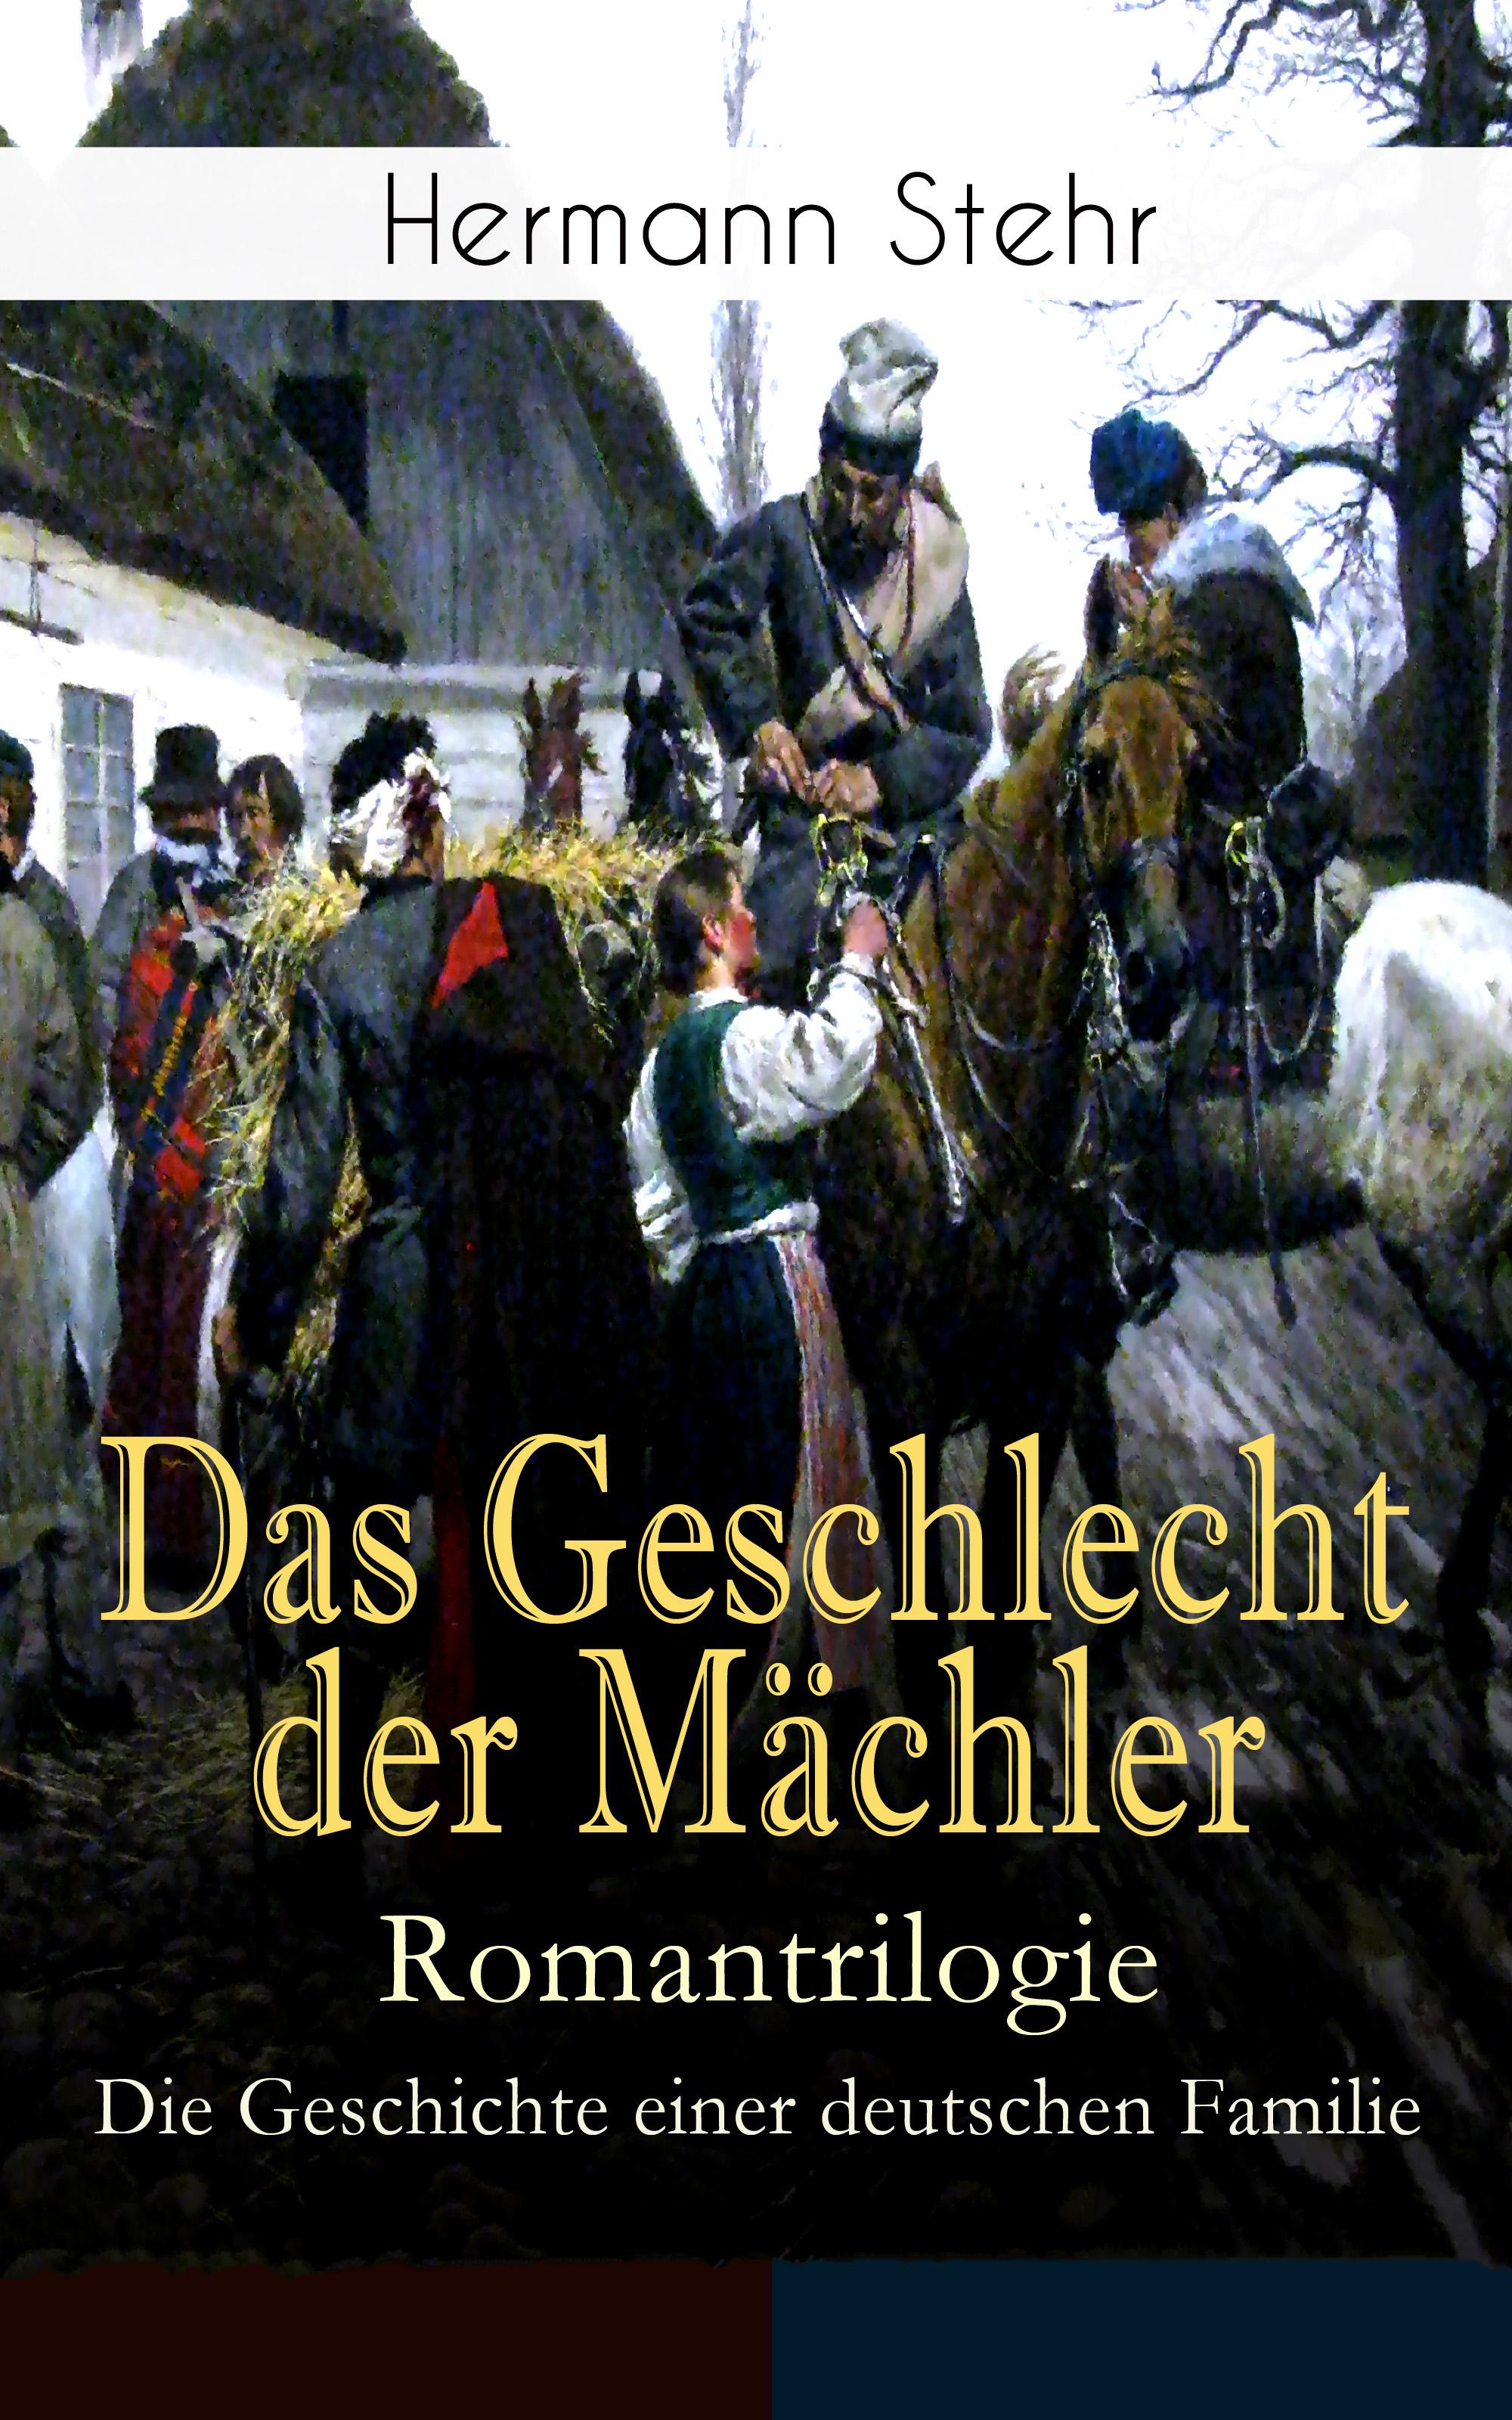 Ächler – Romantrilogie: Die Geschichte einer deutschen Familie